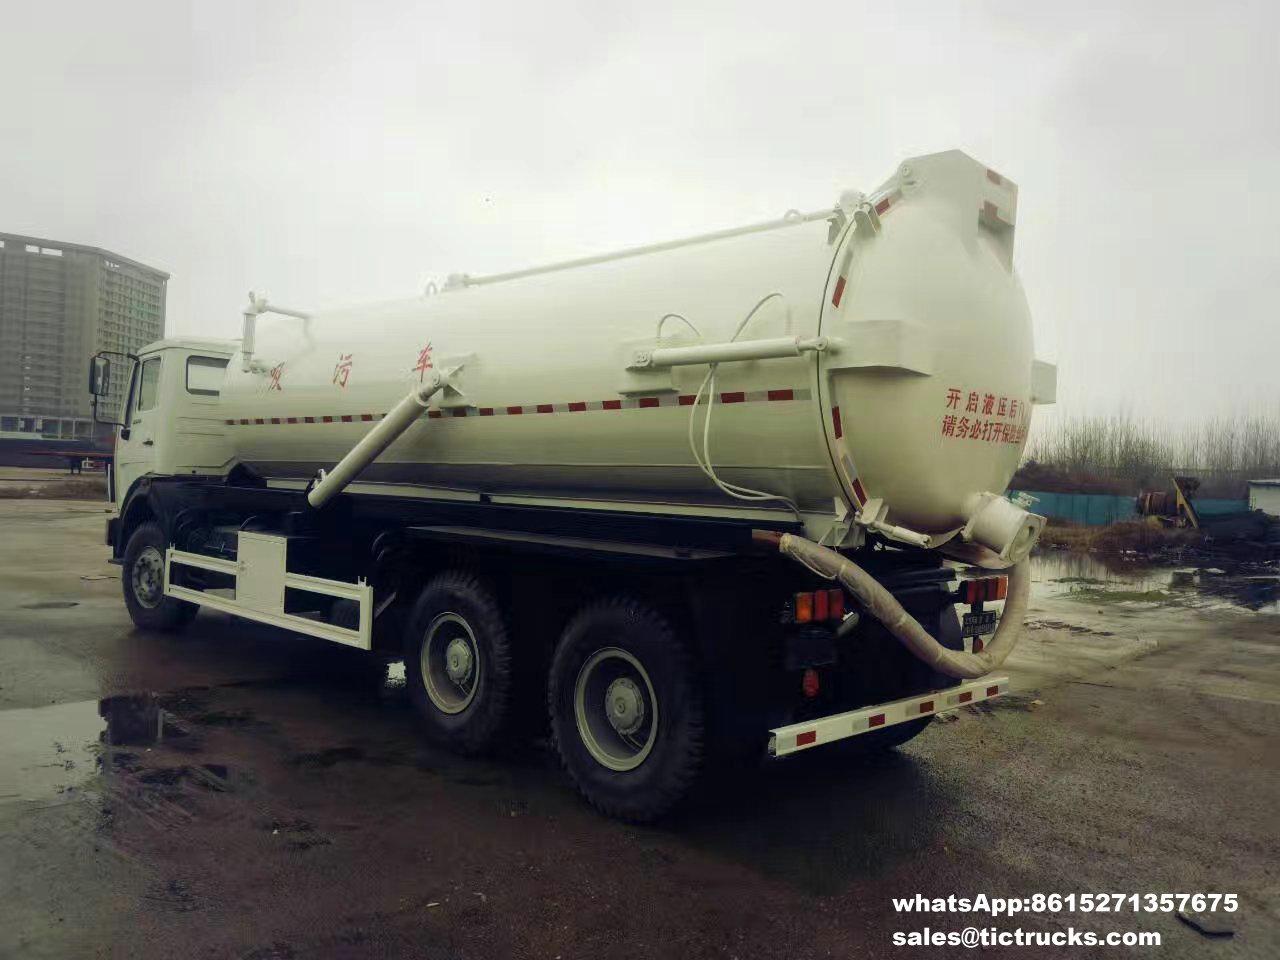 Camion -07_1.jpg d'eaux d'égout de vide de Beiben